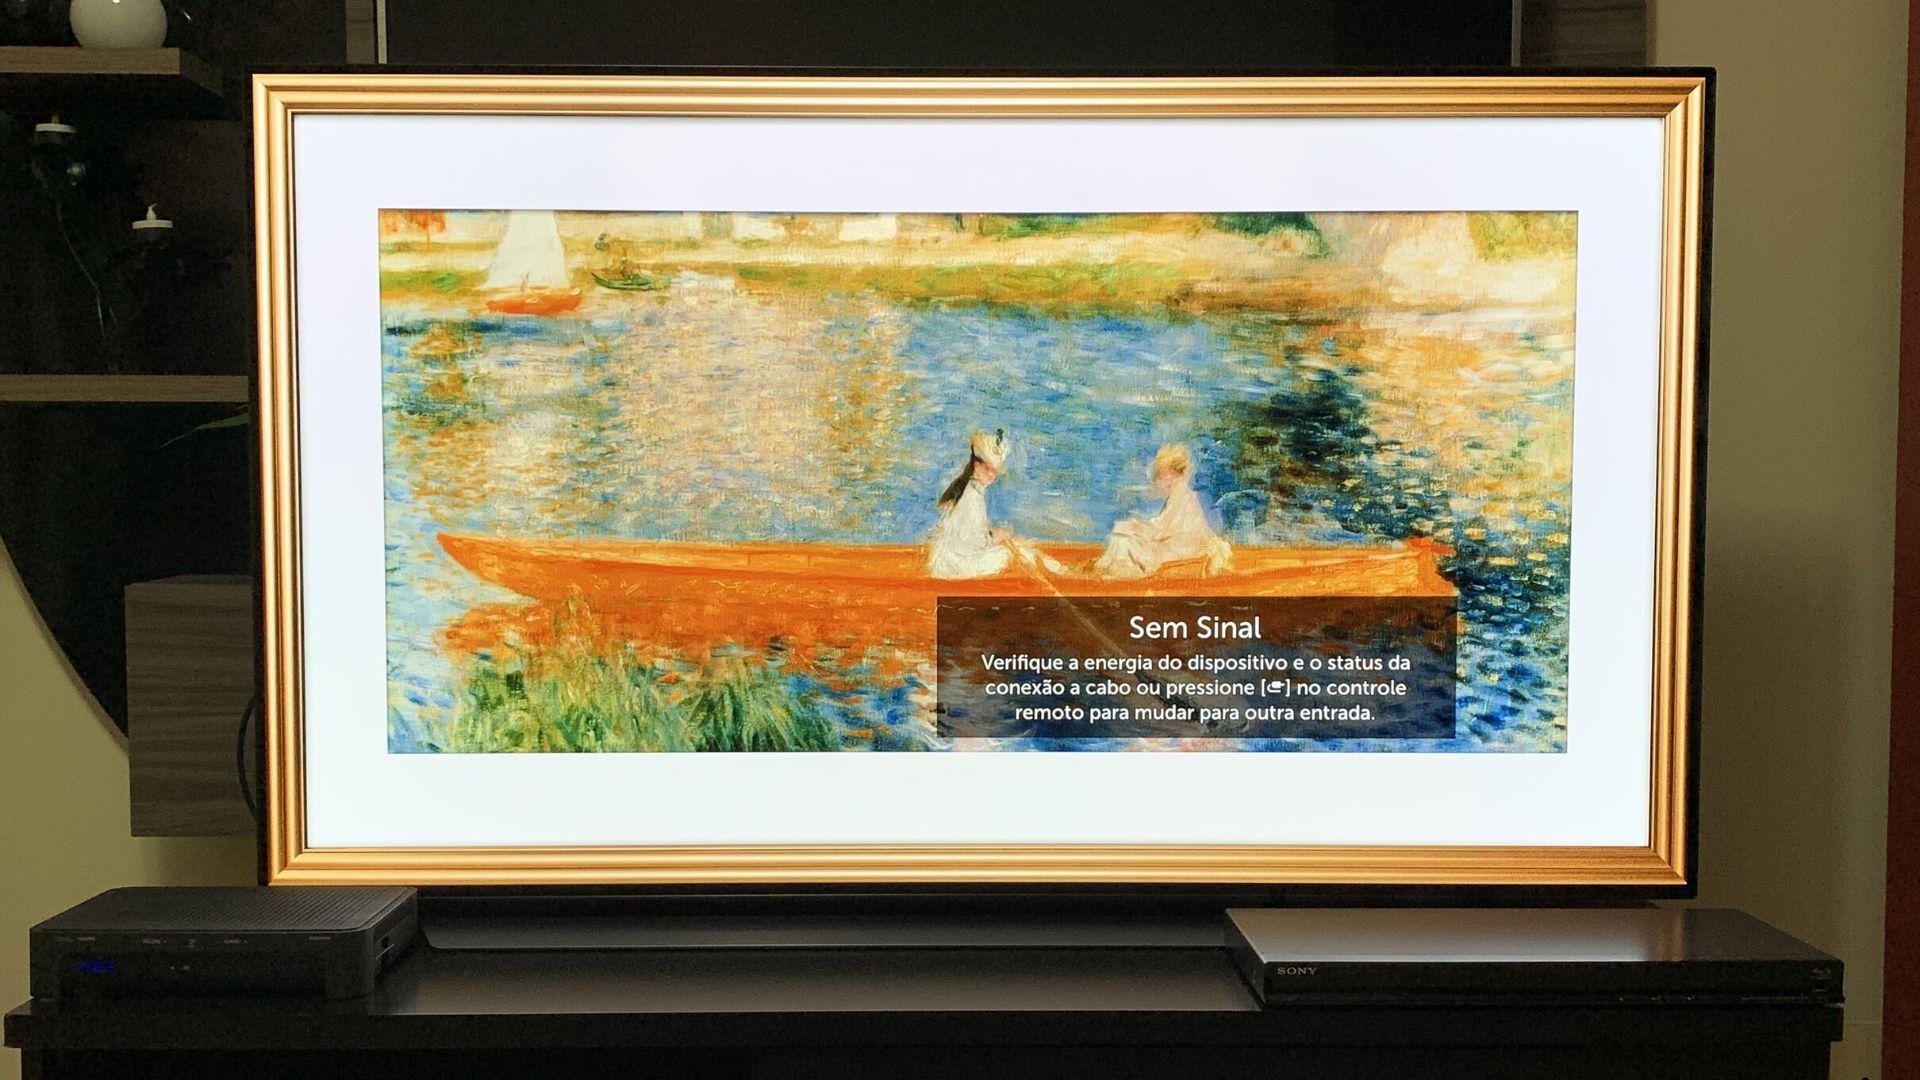 Modo Galeria deixa a TV LG C9 como se fosse um quadro, podendo servir quase como uma peça de decoração do ambiente. (Imagem: Yulli Dias/Zoom)